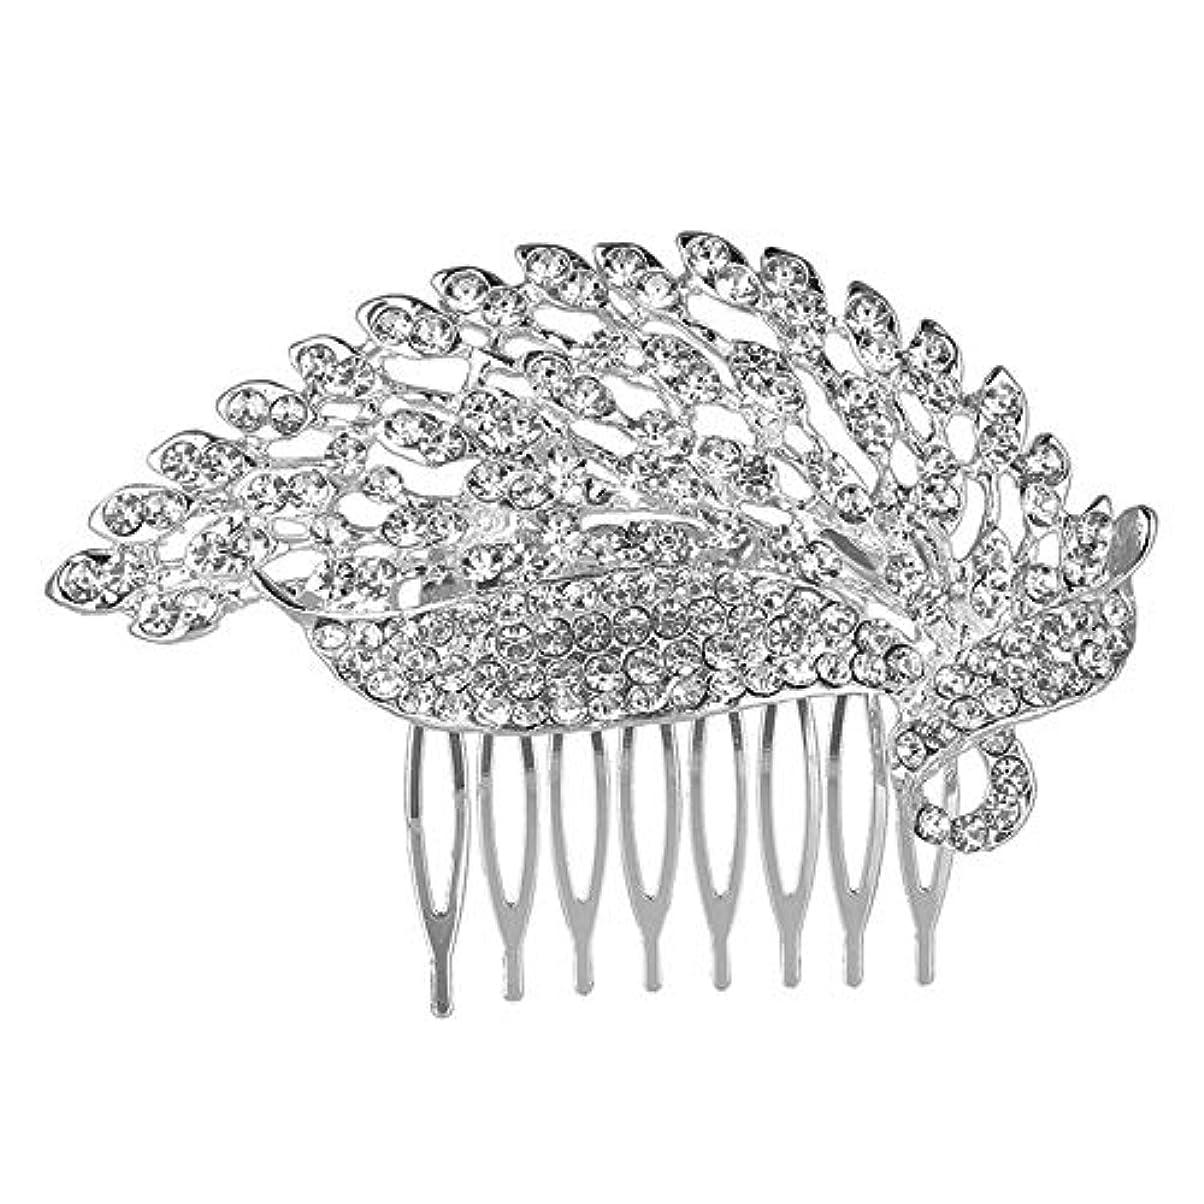 最後にに渡って生む髪の櫛の櫛の櫛の花嫁の櫛の櫛の櫛の花嫁の頭飾りの結婚式のアクセサリー合金